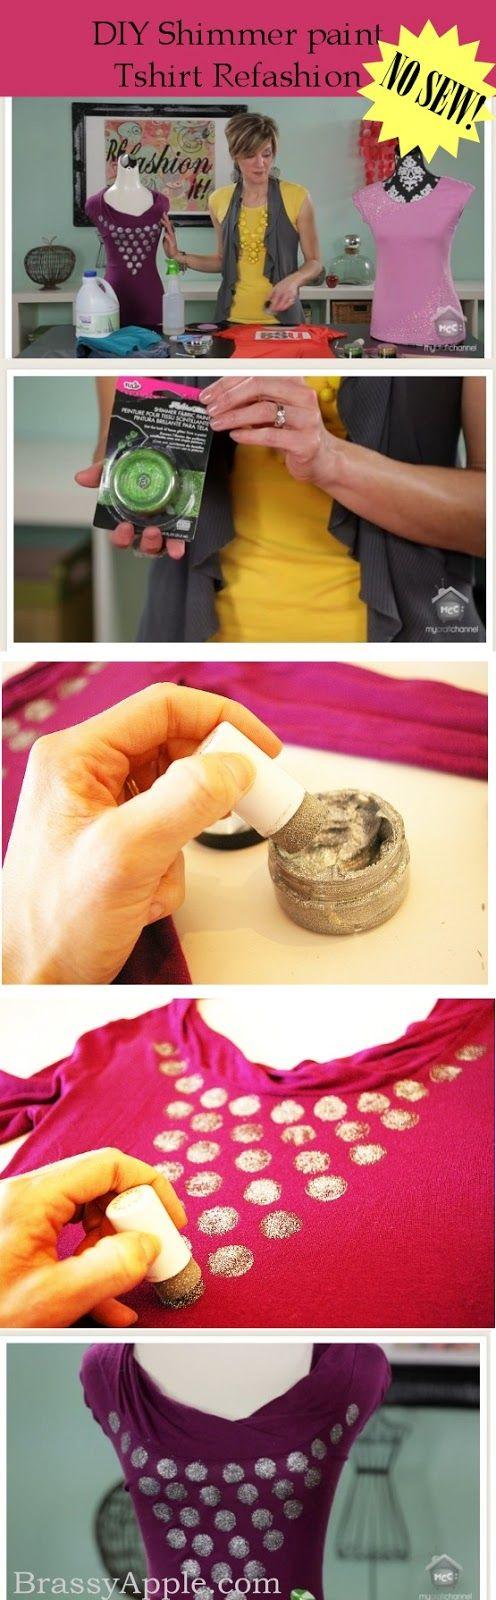 No #sew Tshirt #Refashion - brassyapple.com #fabricpaint